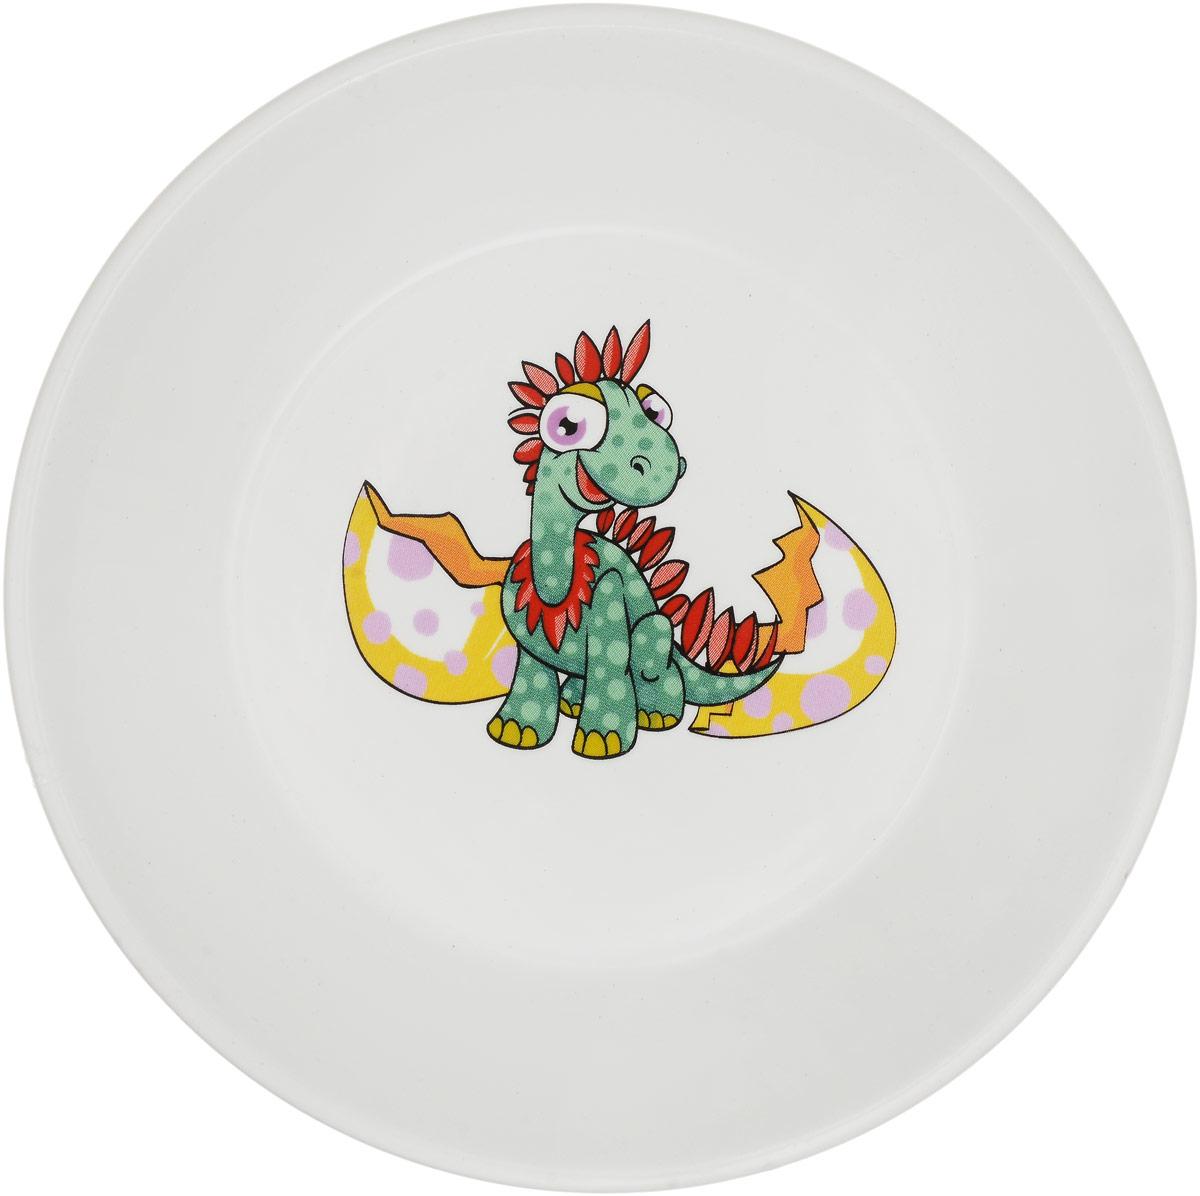 Кубаньфарфор Блюдце Динозаврик и скорлупа2220071_динозаврик и скорлупаДетское блюдце Кубаньфарфор Динозаврик и скорлупа идеально подойдет для кормления малыша и самостоятельногоприема пищи. Глубокое блюдце выполнена из фаянса, его высокие бортики обеспечат удобство кормления ипредотвратят случайное проливание жидкой пищи.Яркое блюдца с красочным рисунком на дне непременно порадует малыша и сделает любой прием пищи приятным ивеселым. Блюдце можно использовать в СВЧ-печах и мыть в посудомоечных машинах.